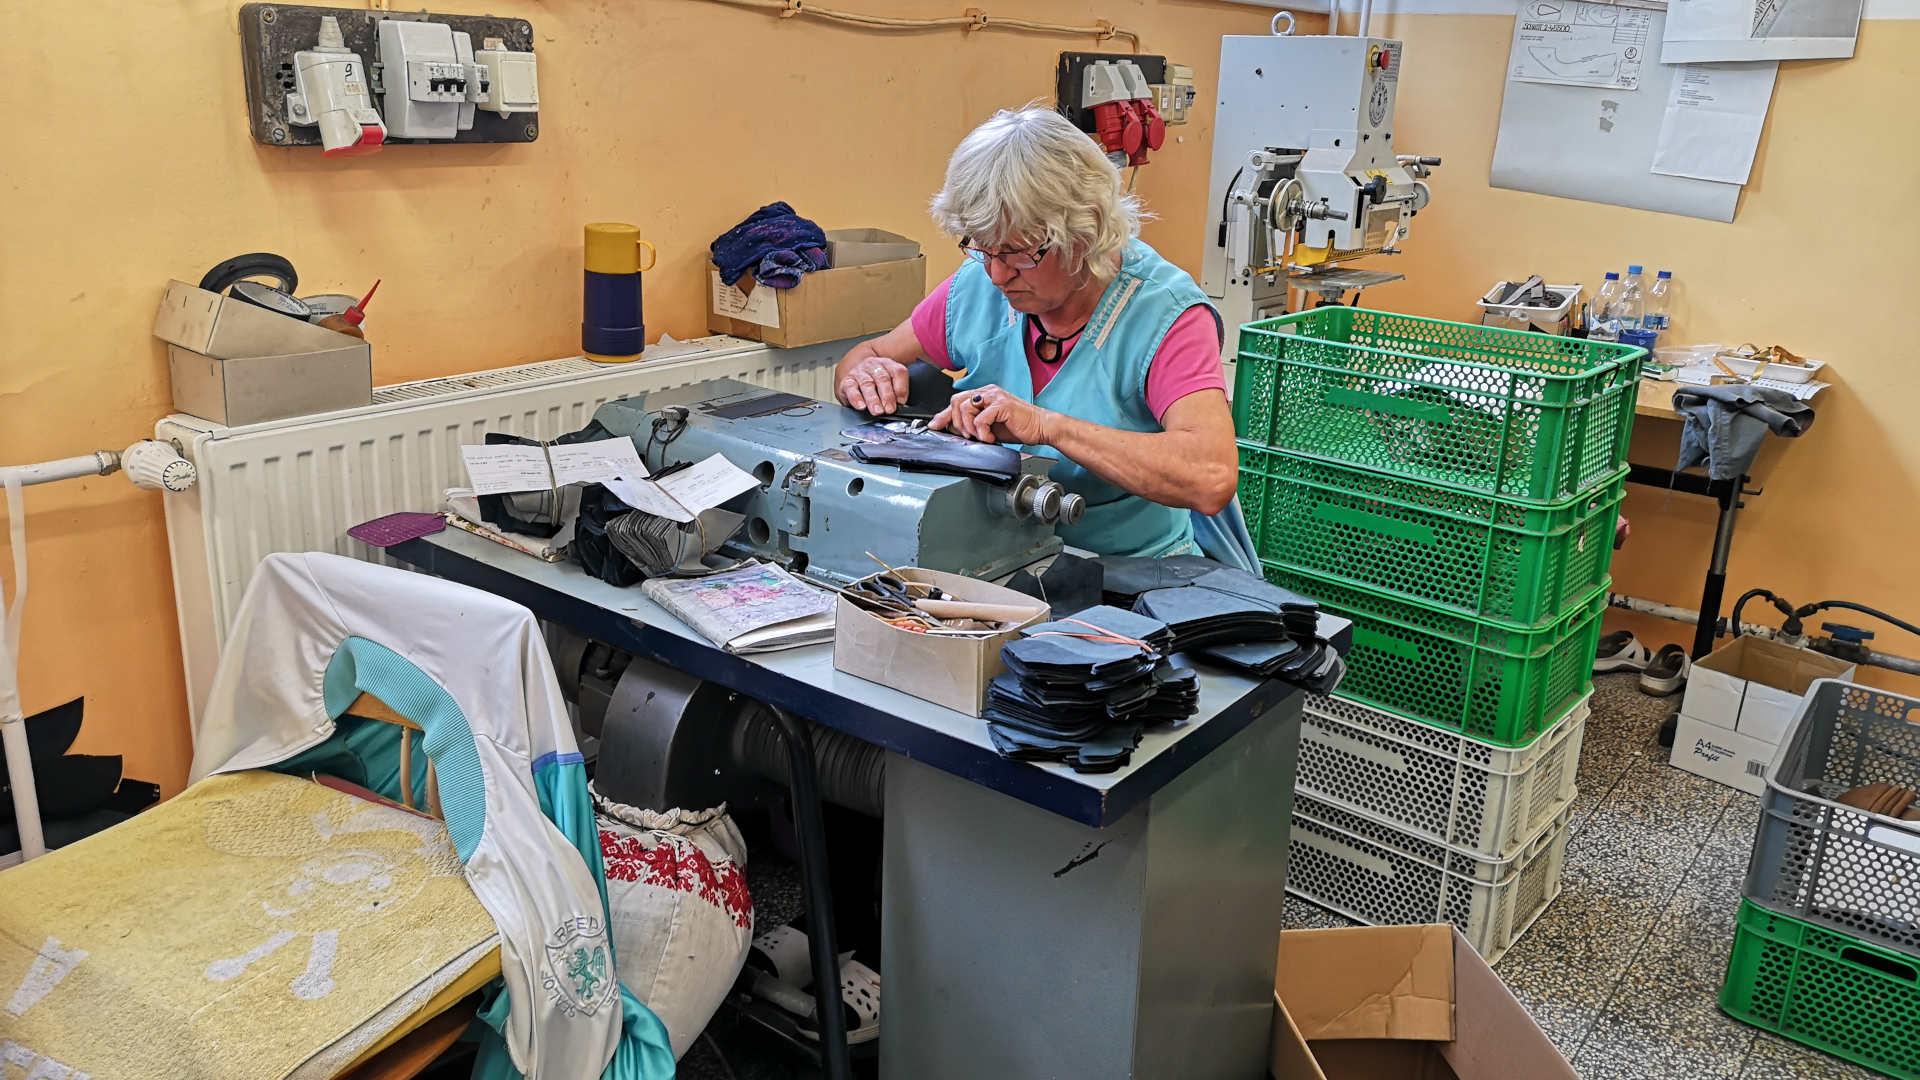 Damenschuhoberteile, Herstellung von Schuhoberteilen, női cipőfelsőrész